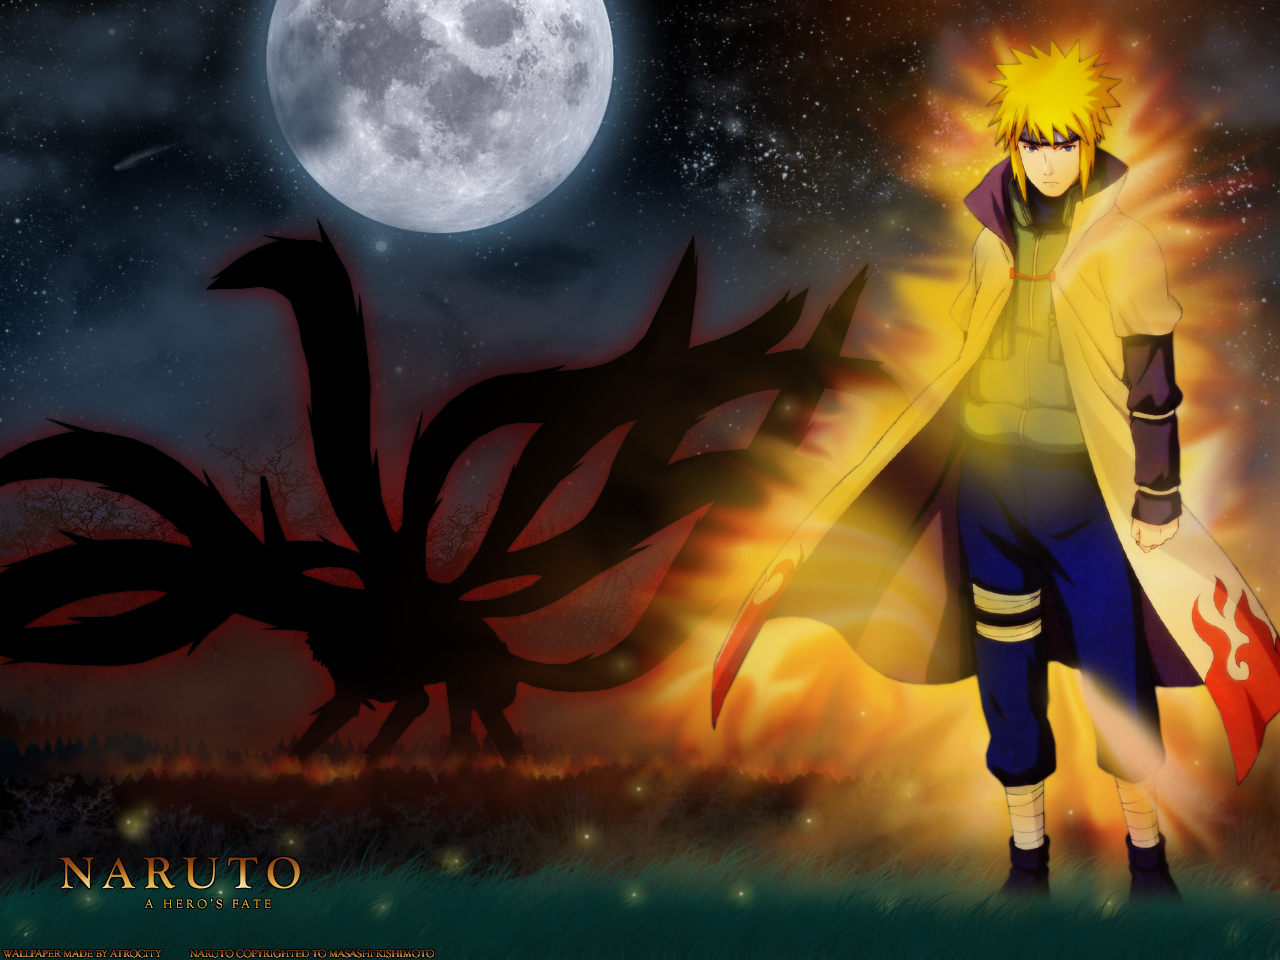 http://4.bp.blogspot.com/-8k0z8AAlYfQ/T62OD2mUxBI/AAAAAAAAATA/T1JEo90SfhM/s1600/Naruto-Shippuden-125-wallpaper.jpg